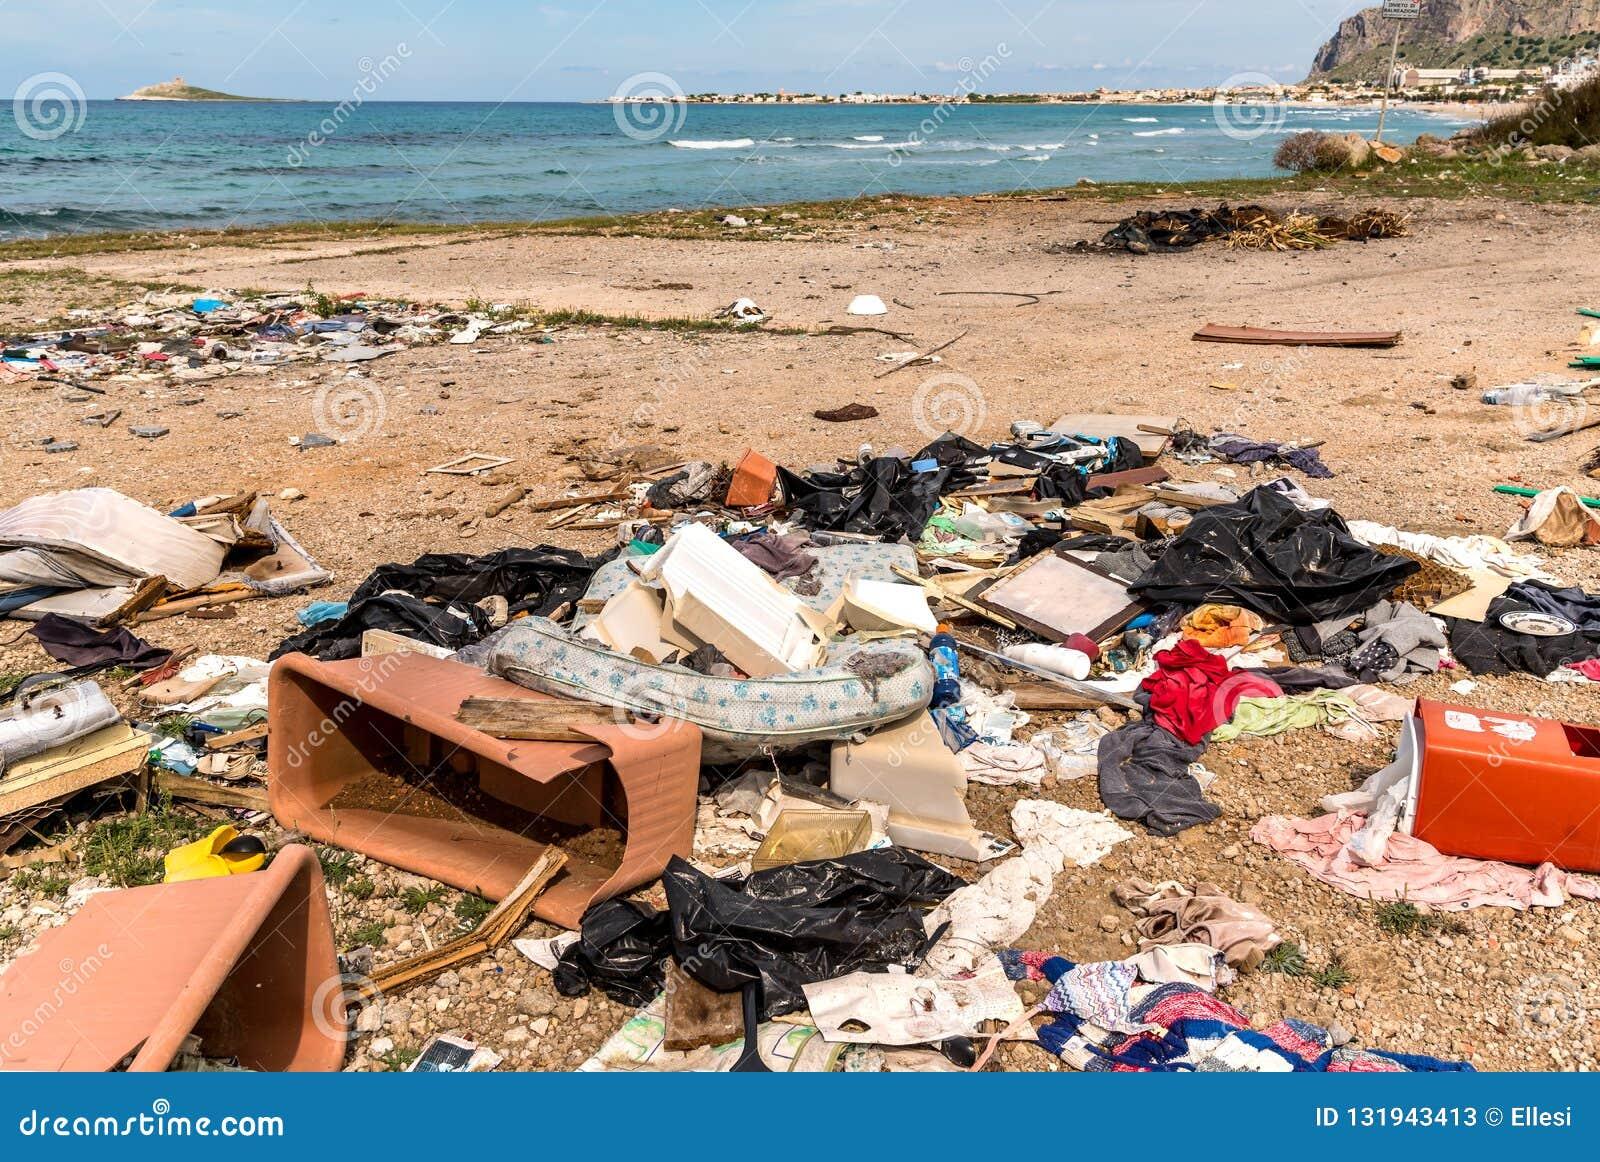 Dégradation côtière avec la plage, les déchets sales et les ordures ménagères polluant la plage de Capaci dans la province de Pal